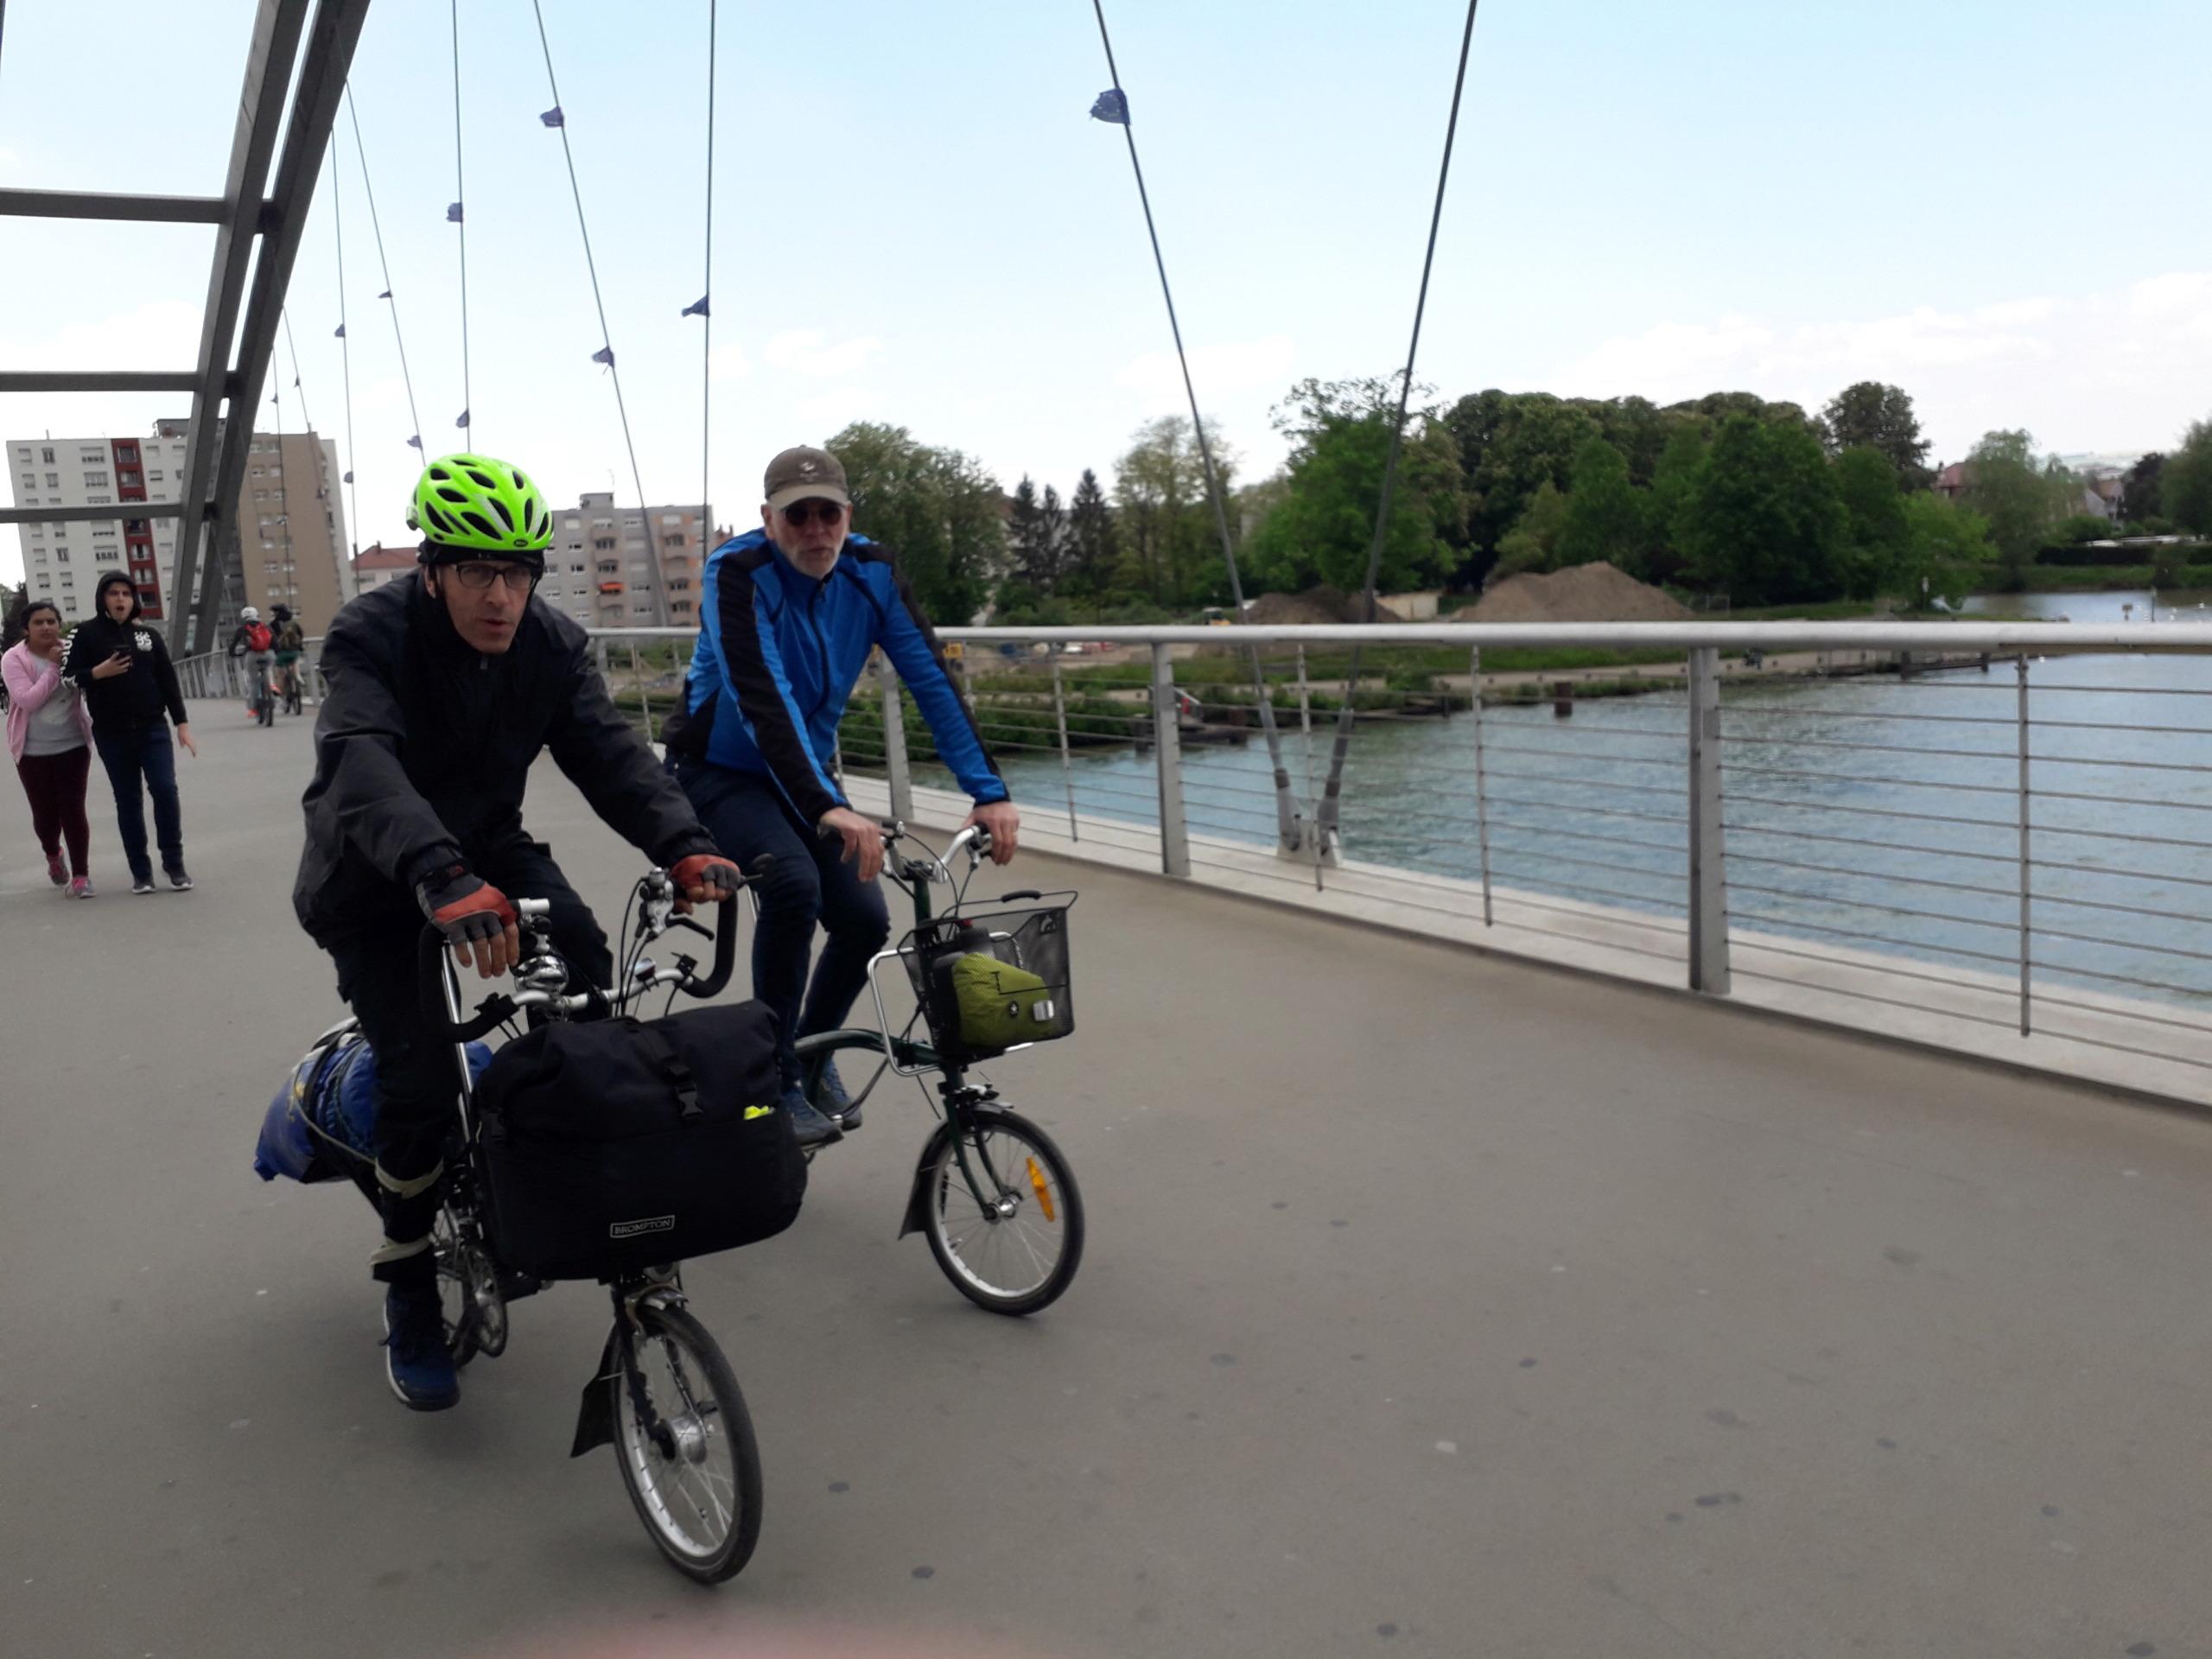 Mulhouse - Budapest sur l'EuroVélo 6 [12 mai au 3 juin 2019] saison 14 •Bƒ   20190556